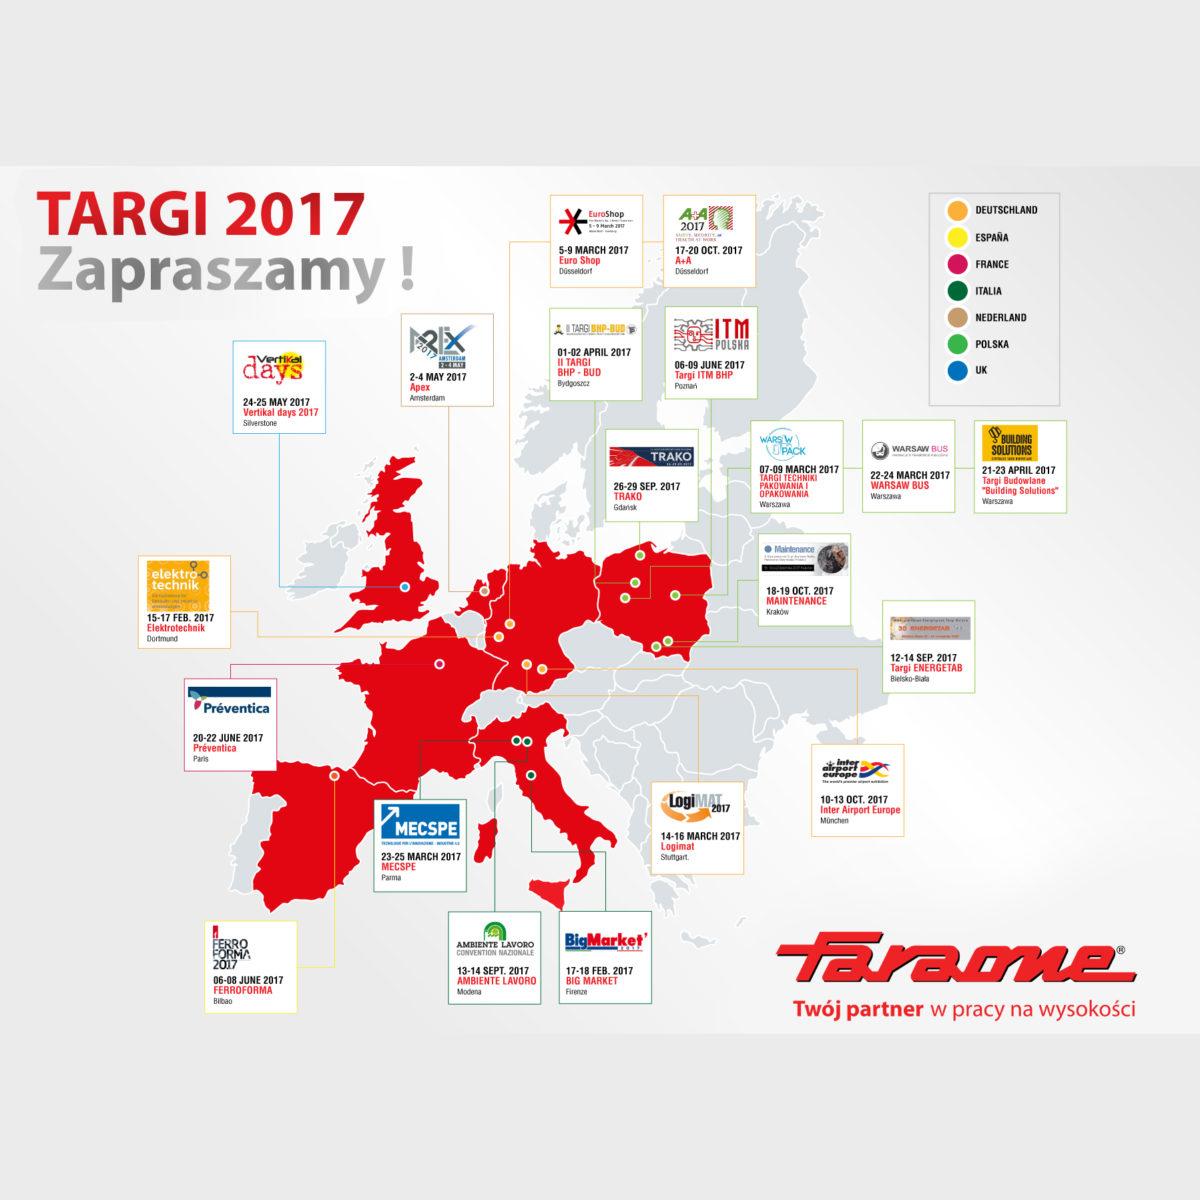 Mapa targów firmy Faraone w 2017 roku